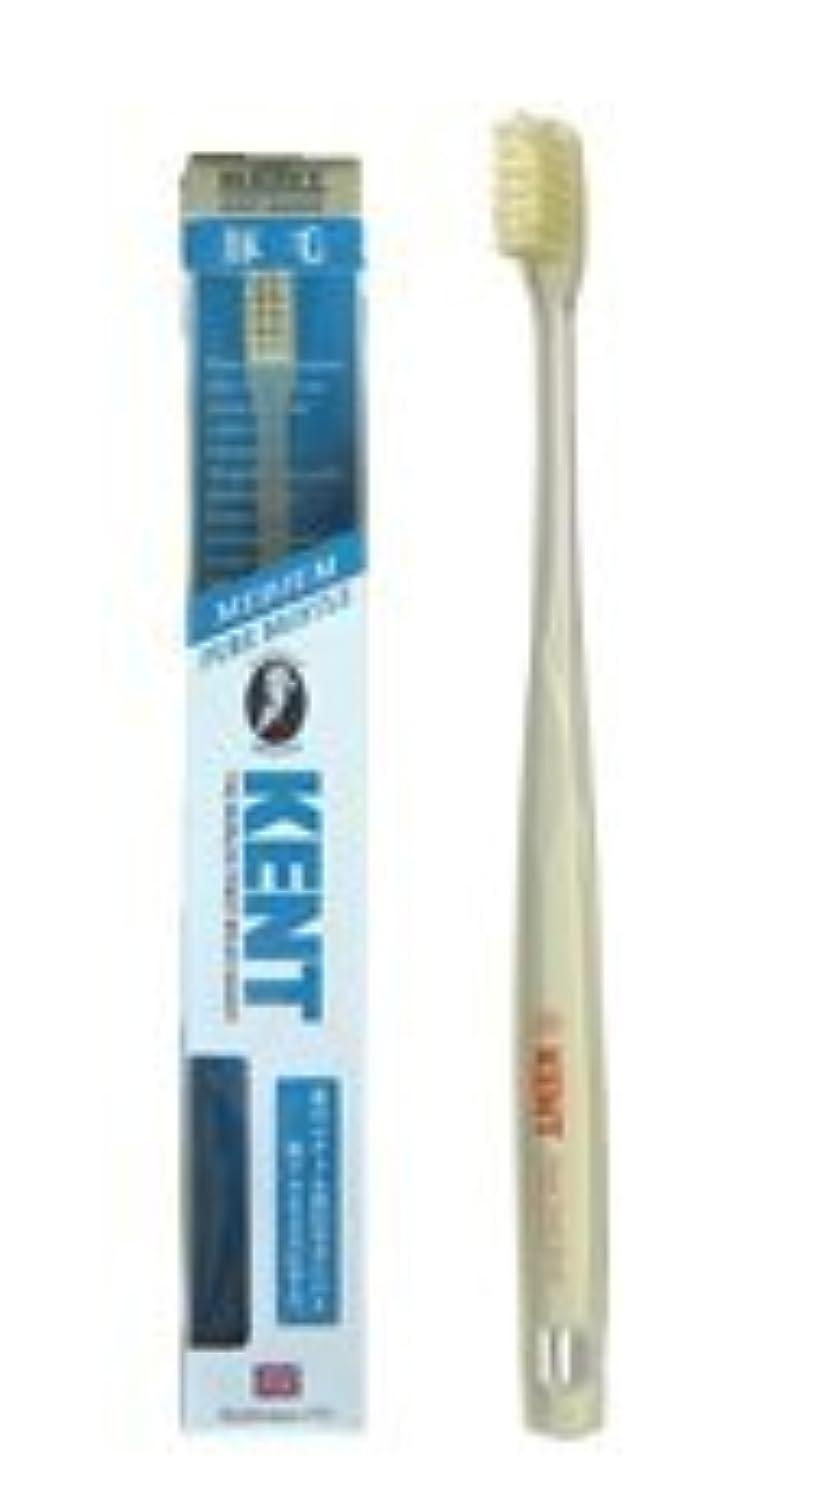 責任者道アセンブリケント KENT 豚毛 超コンパクト歯ブラシKNT-9203/9303 6本入り 他のコンパクトヘッドに比べて歯を1 かため